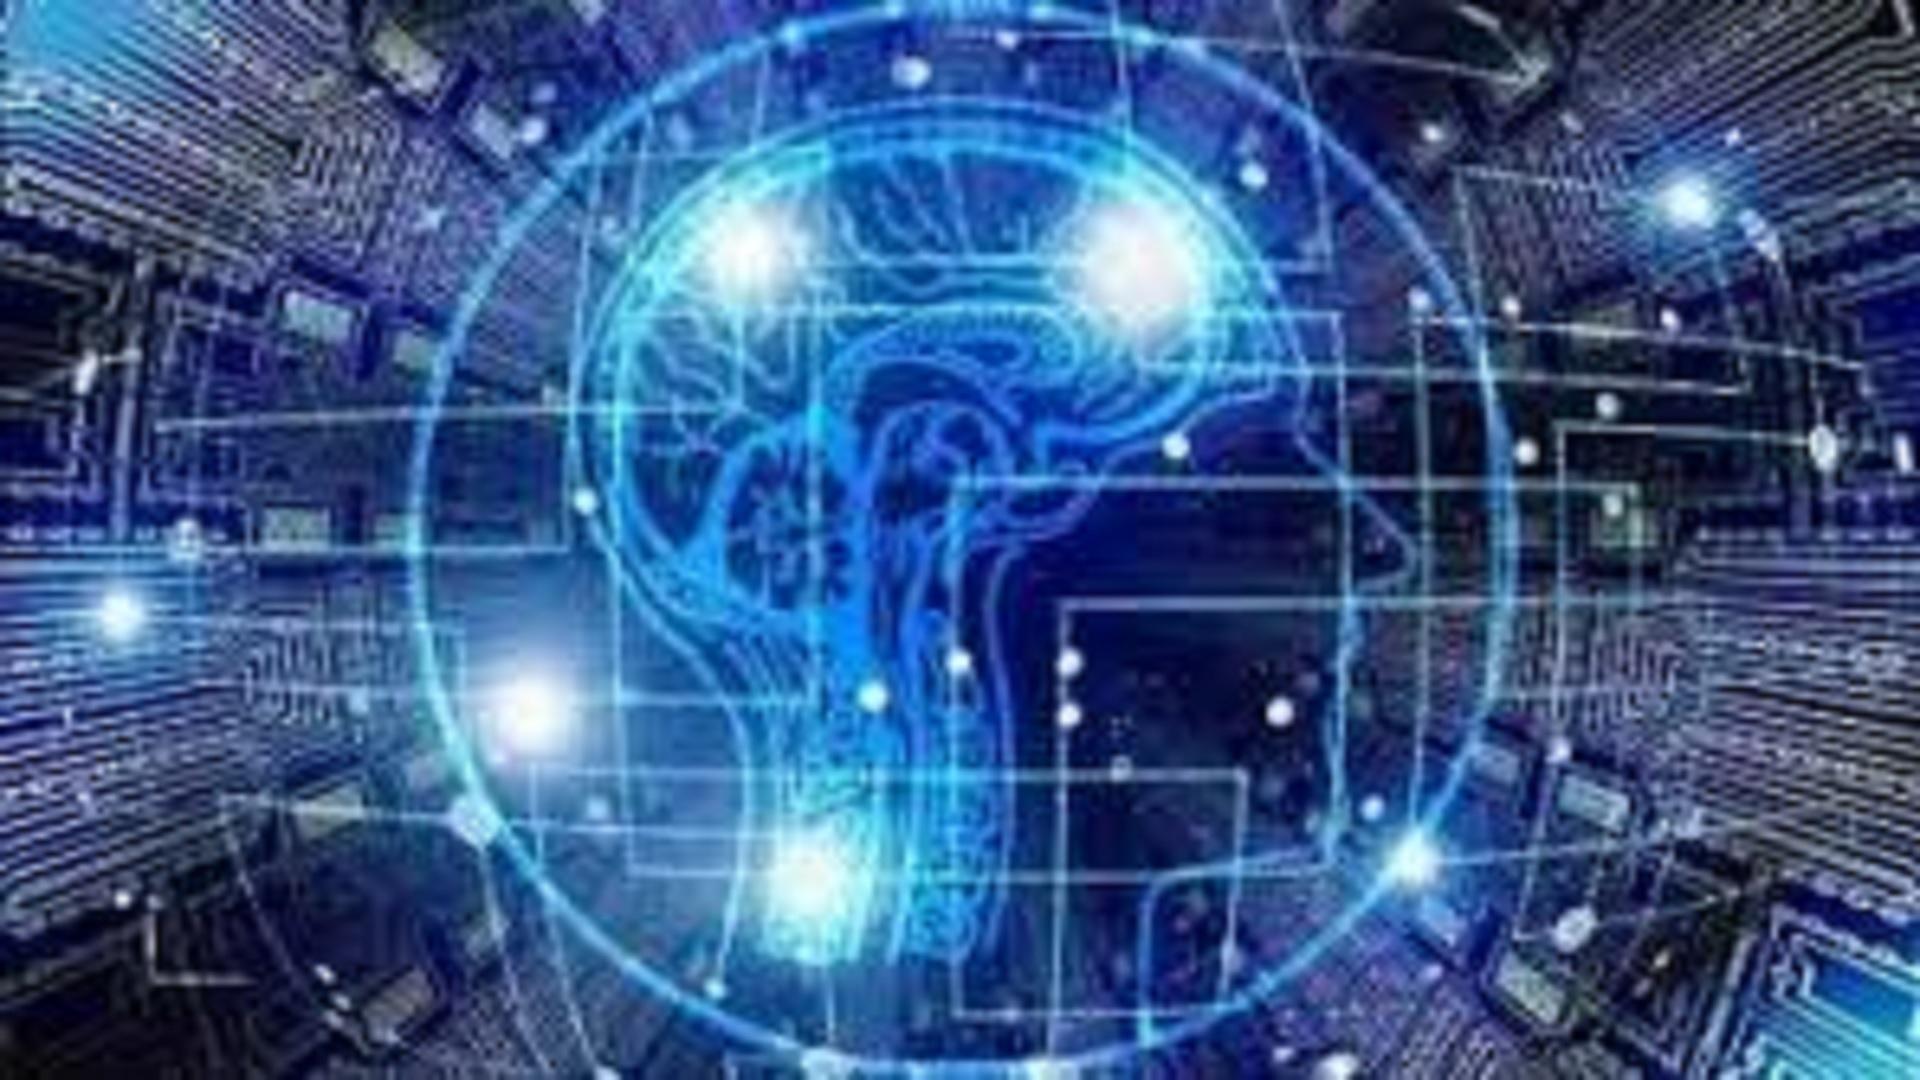 Η τεχνητή νοημοσύνη στην υπηρεσία της ιατρικής περίθαλψης